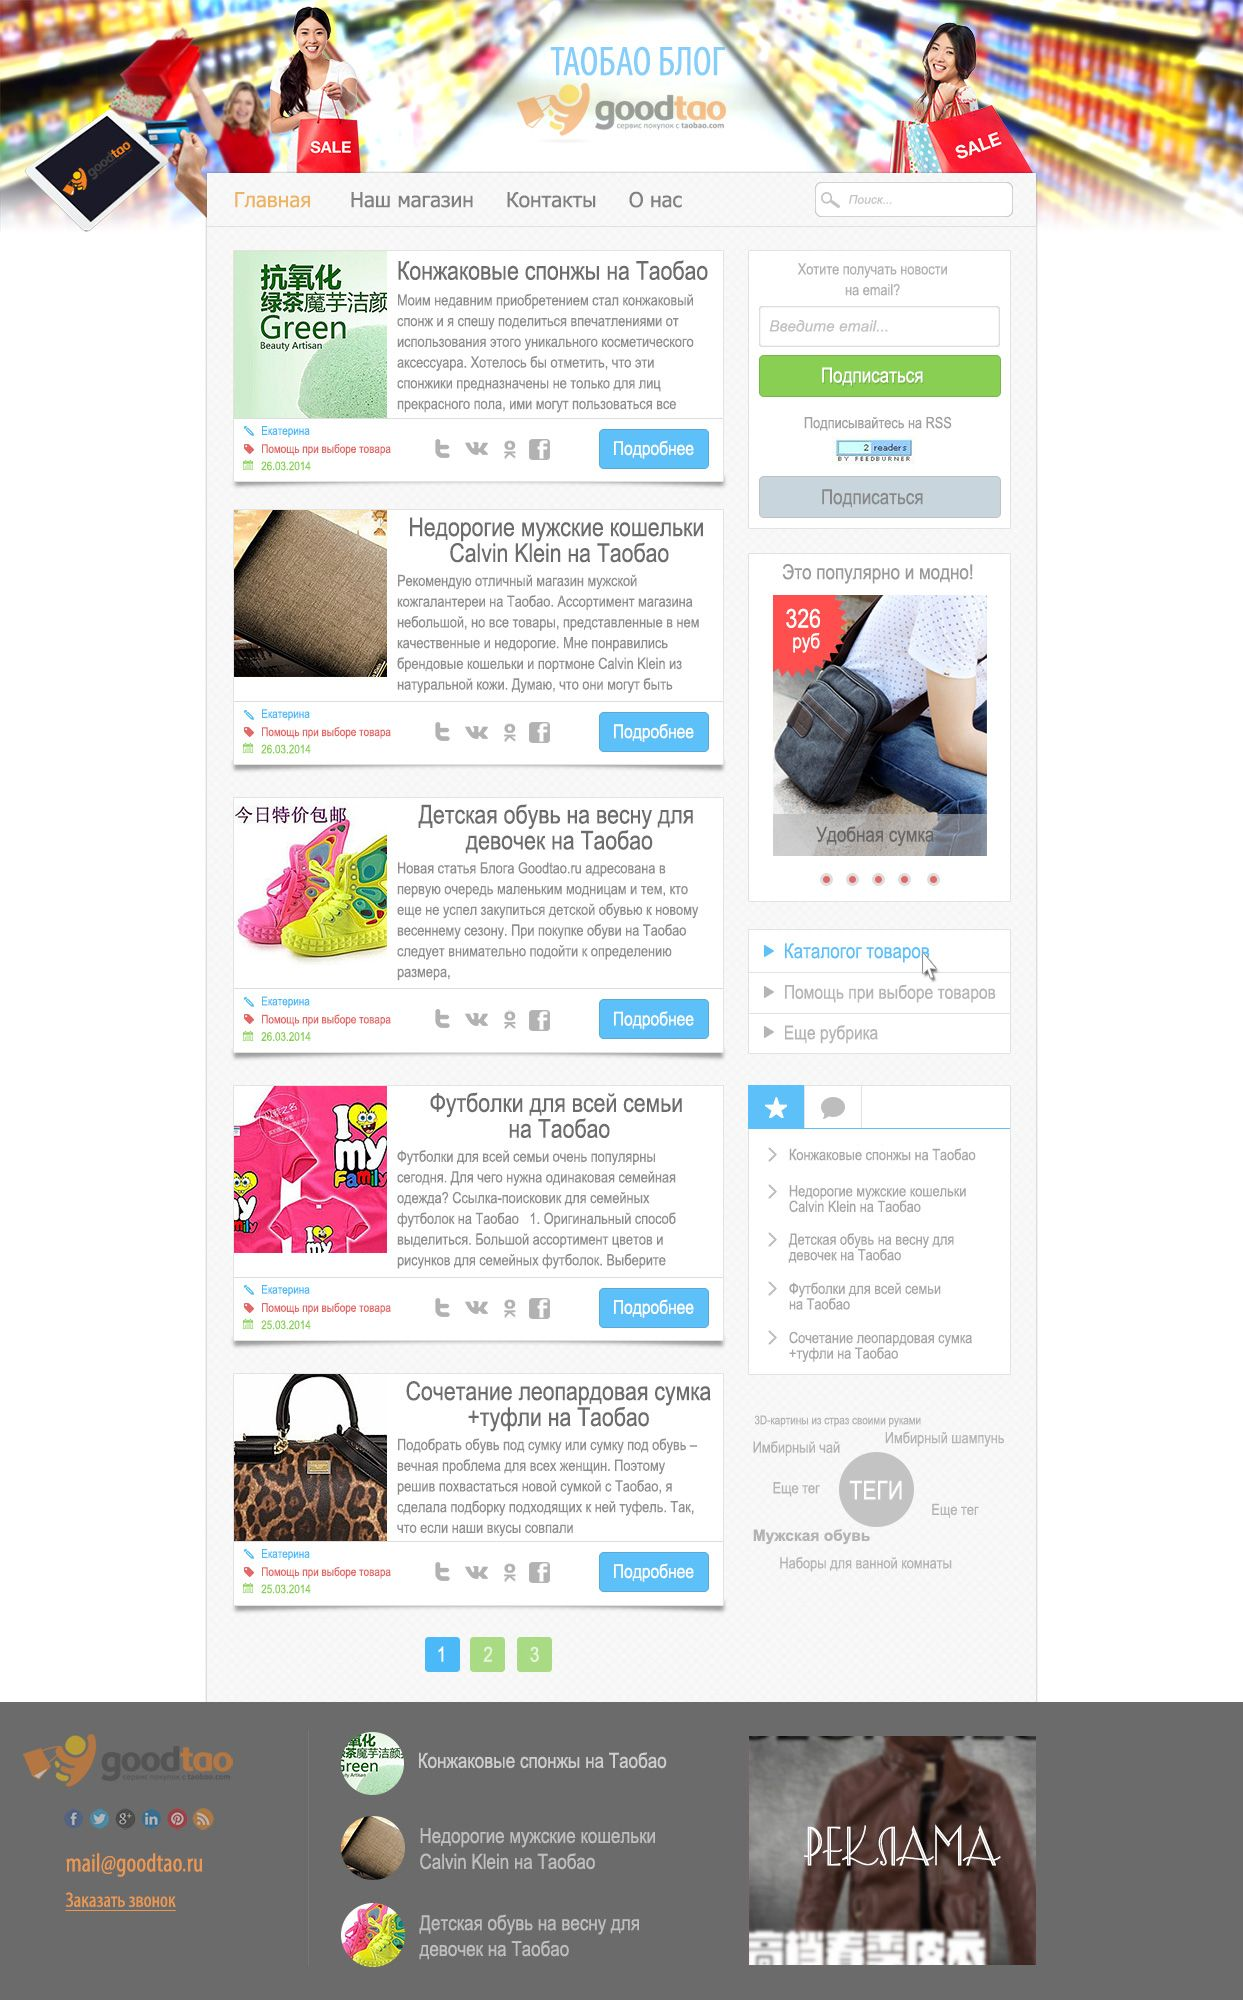 Дизайн для блога - дизайнер Valbars